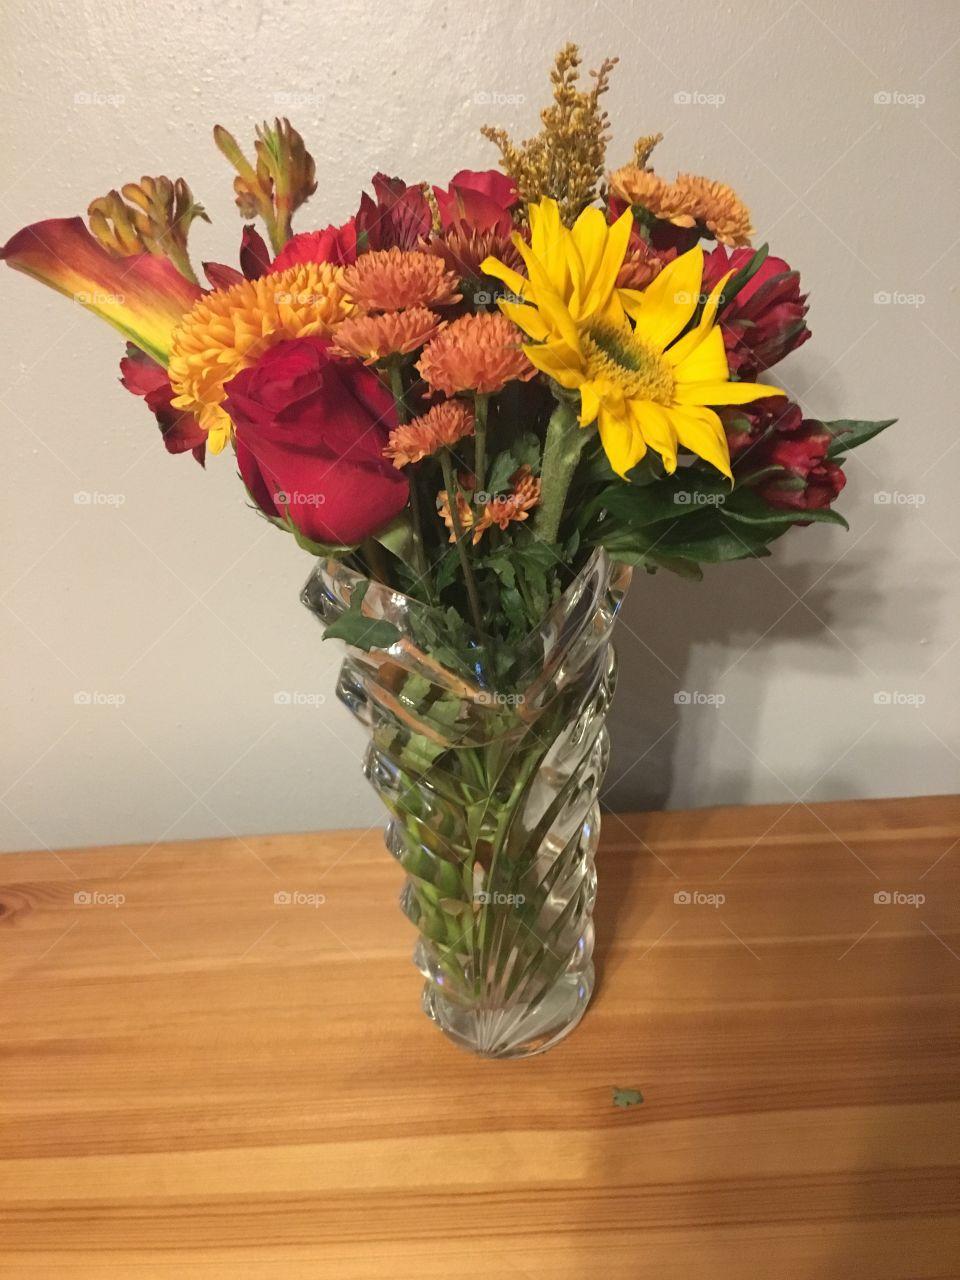 Flowers in case